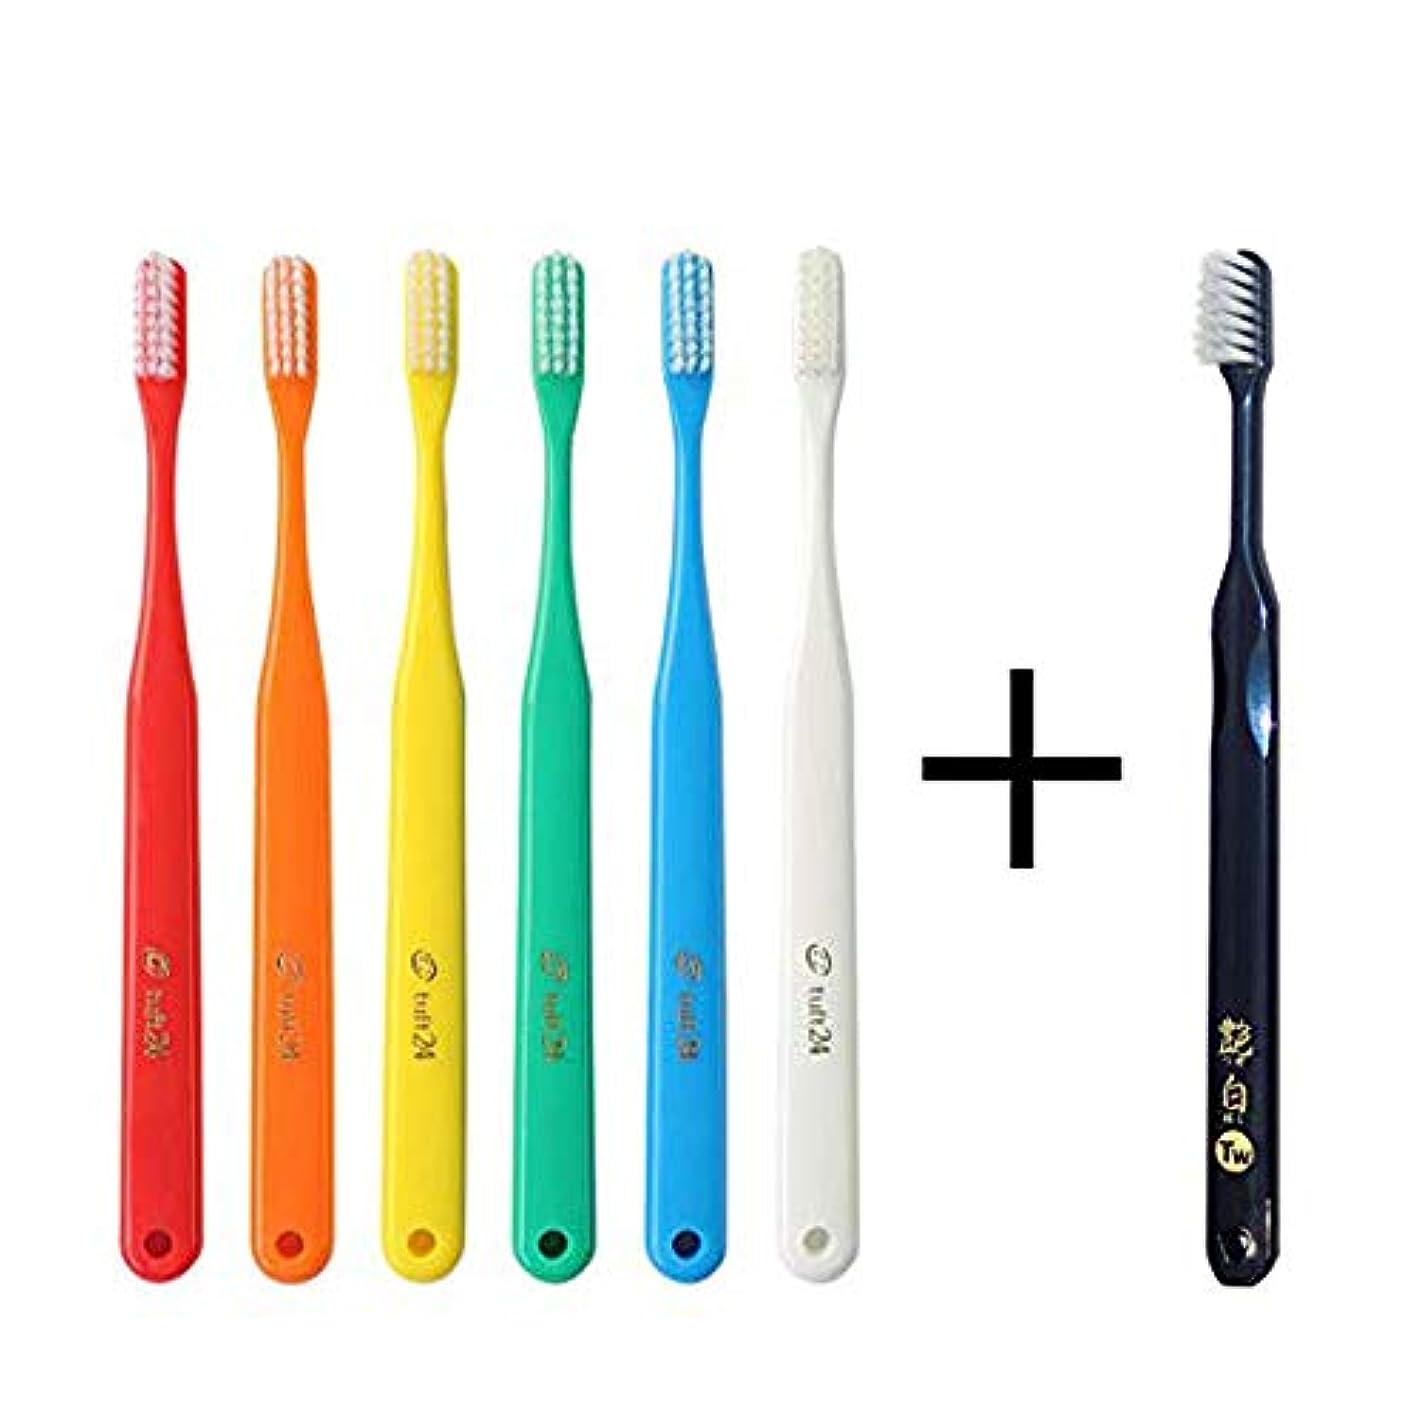 可動式引き受けるテクトニックタフト24 歯ブラシ × 10本 (MS) キャップなし + 艶白ツイン ハブラシ (MS やややわらかめ)×1本 むし歯予防 歯科専売品